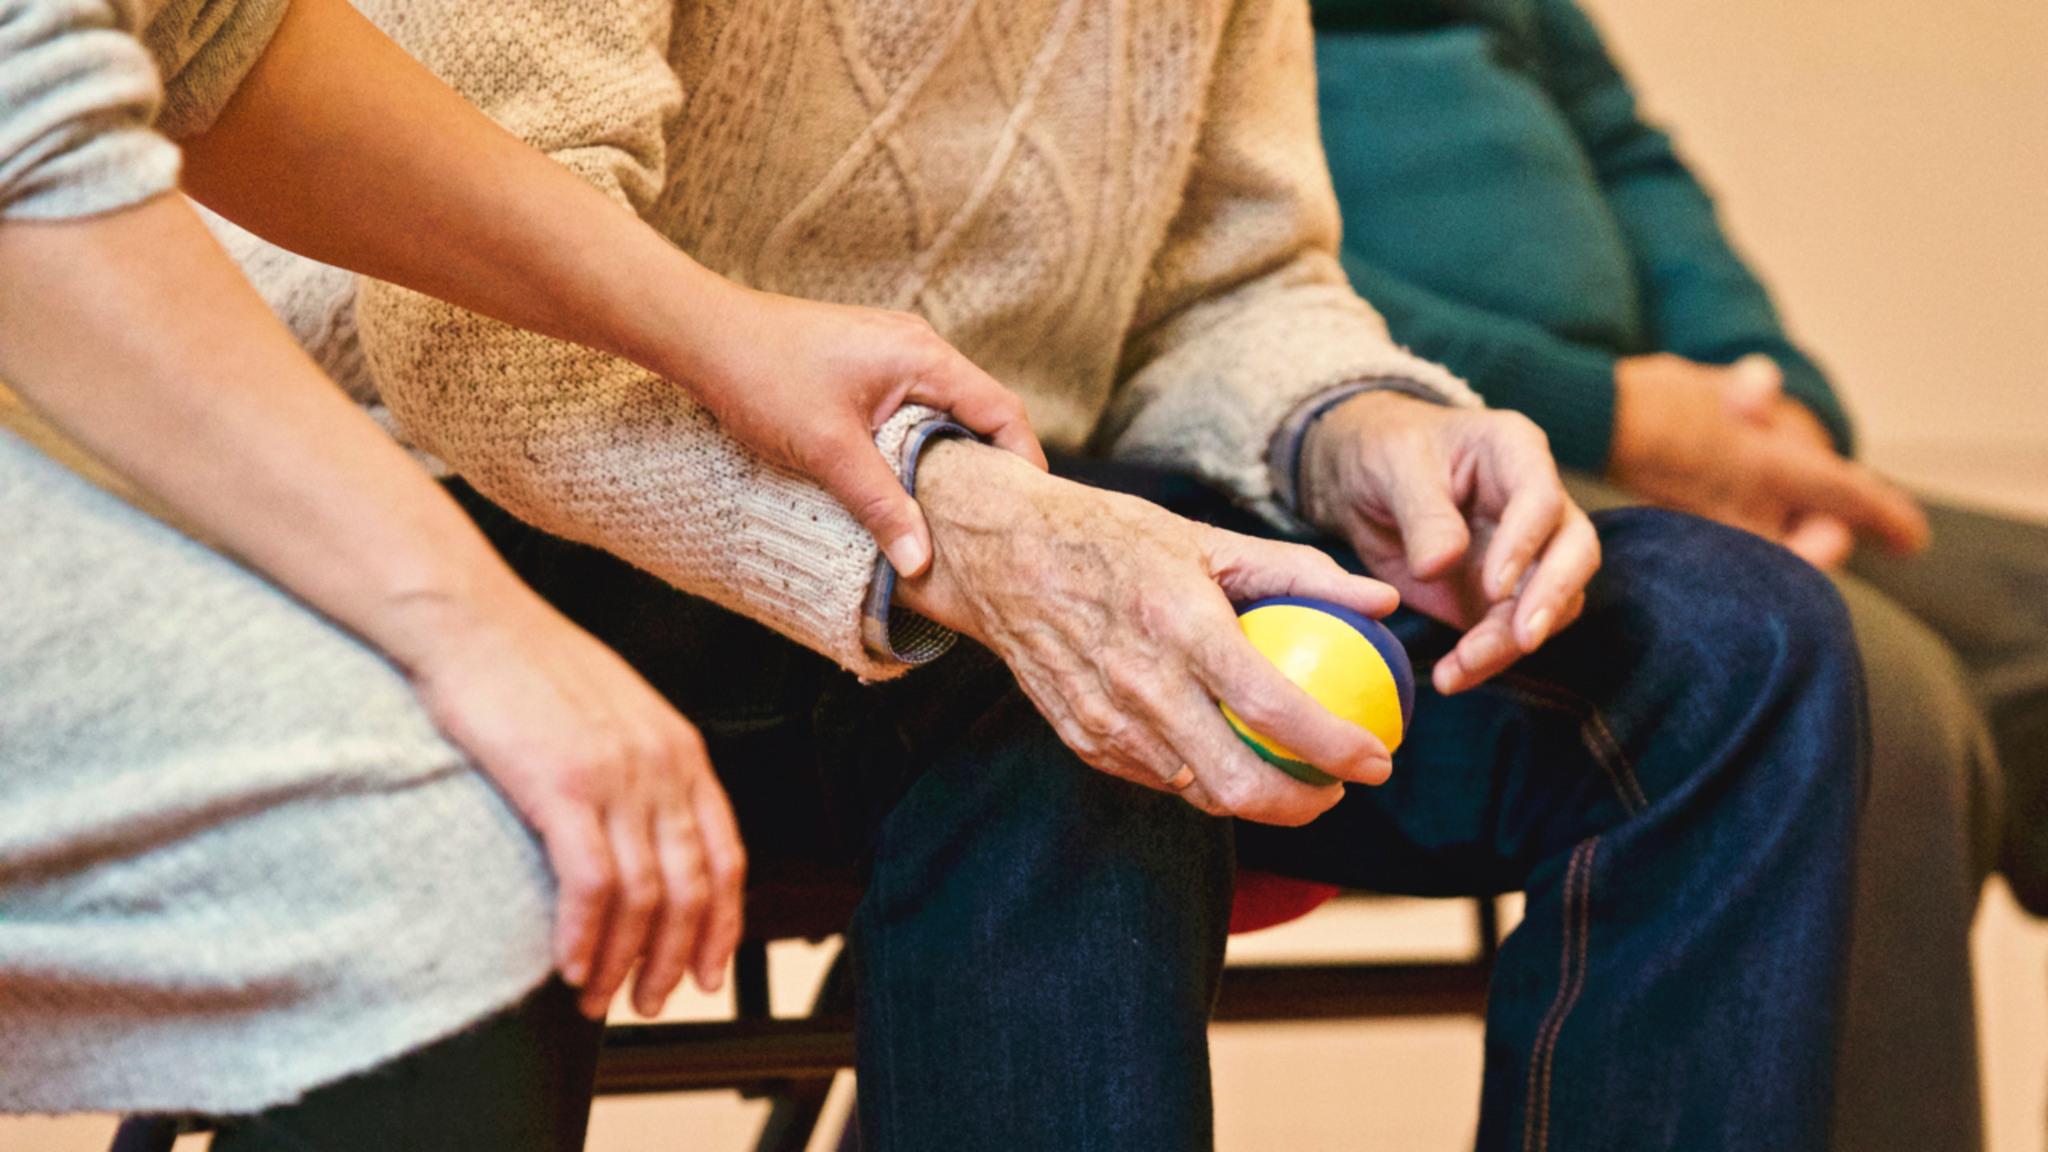 Äldre människor sitter på en bänk.